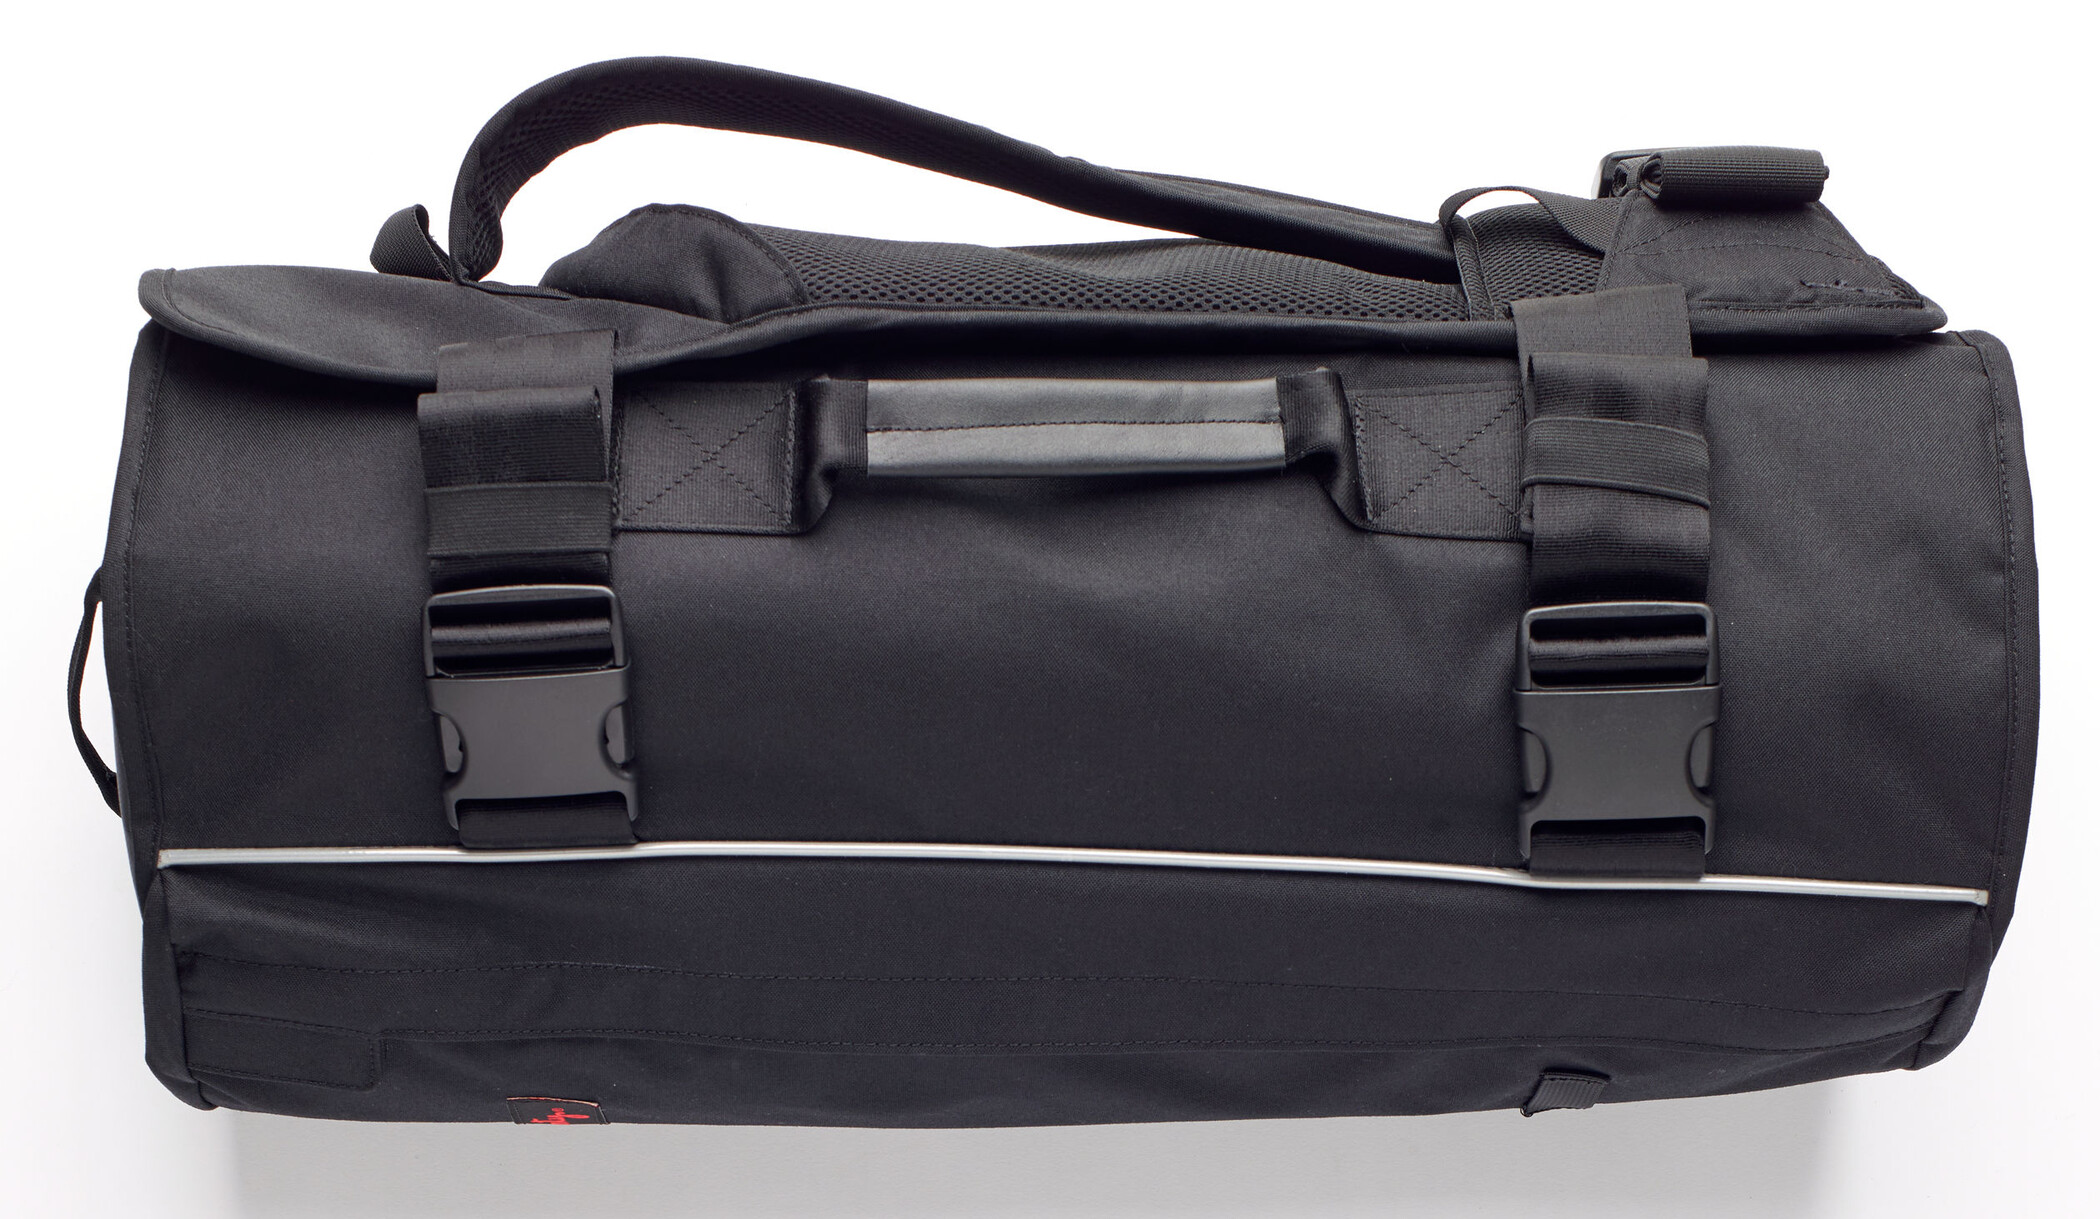 Henty CoPilot Taske, black (2020) | Rygsæk og rejsetasker